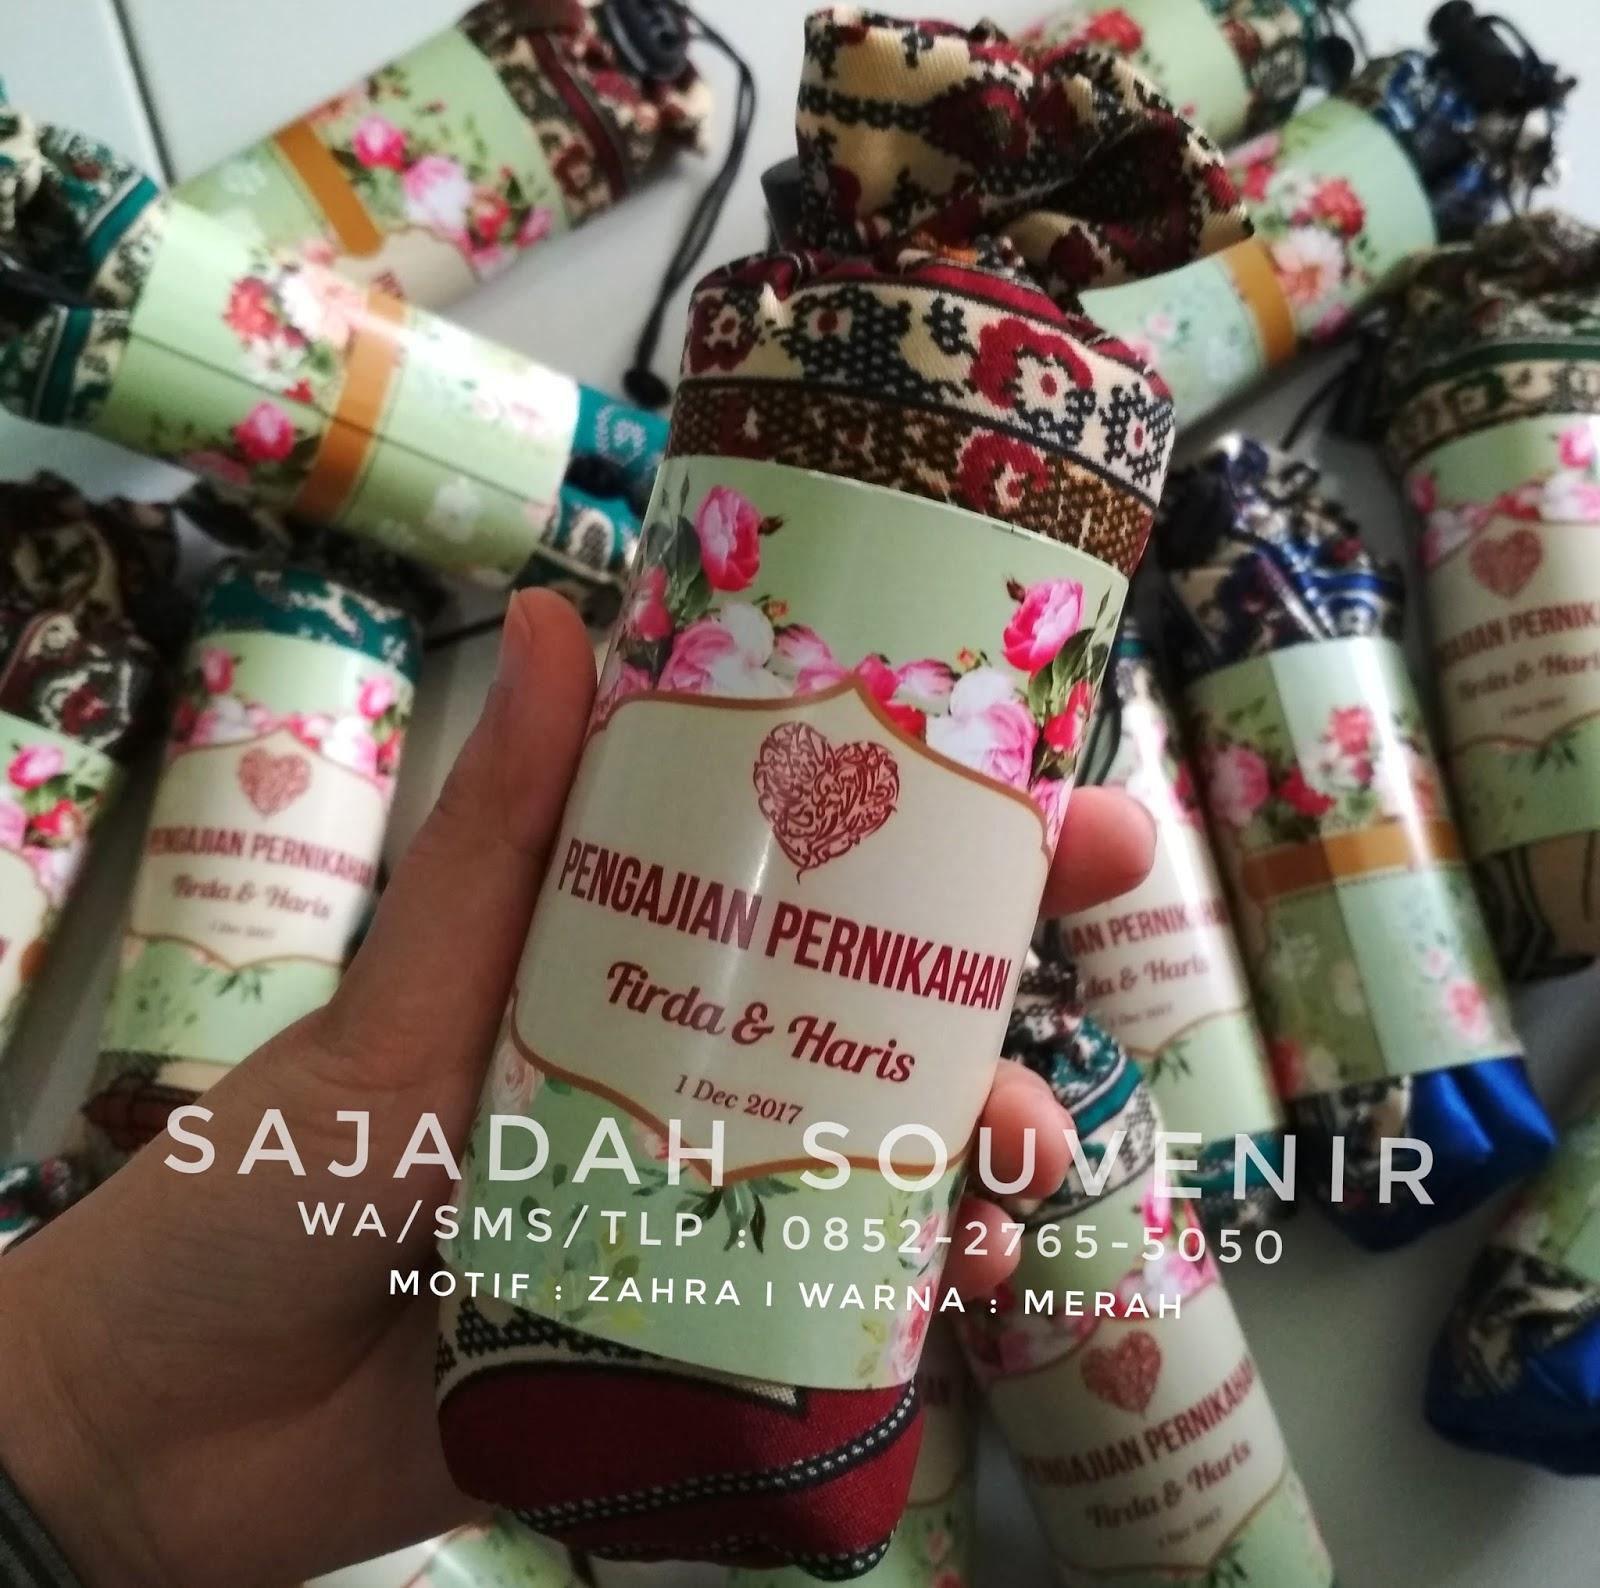 jual sajadah souvenir, souvenir sajadah, 0852-2765-5050